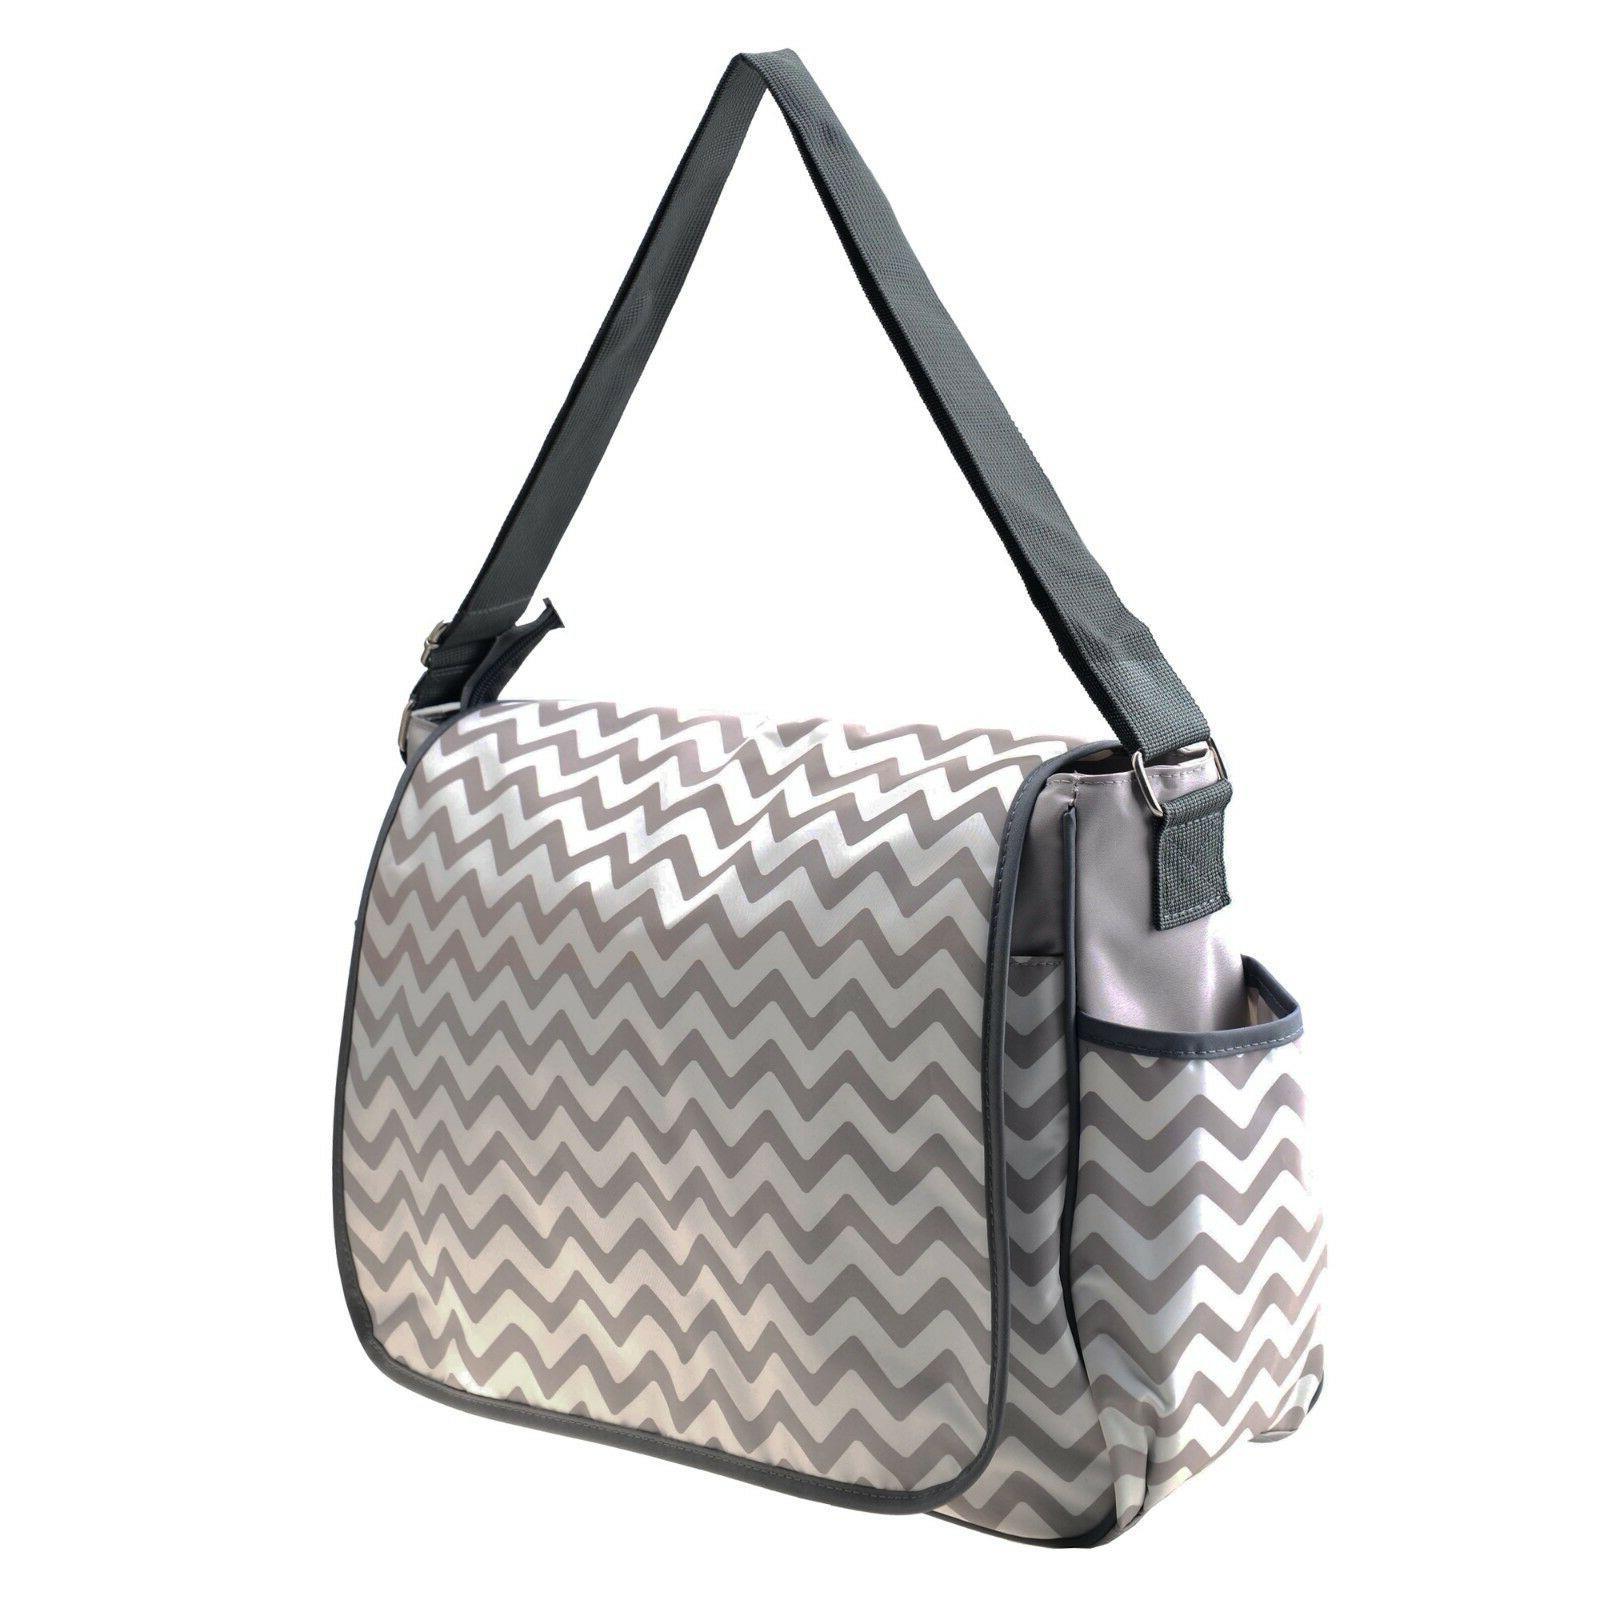 Diaper - Multi-Function Waterproof Bag Nappy Bags Baby